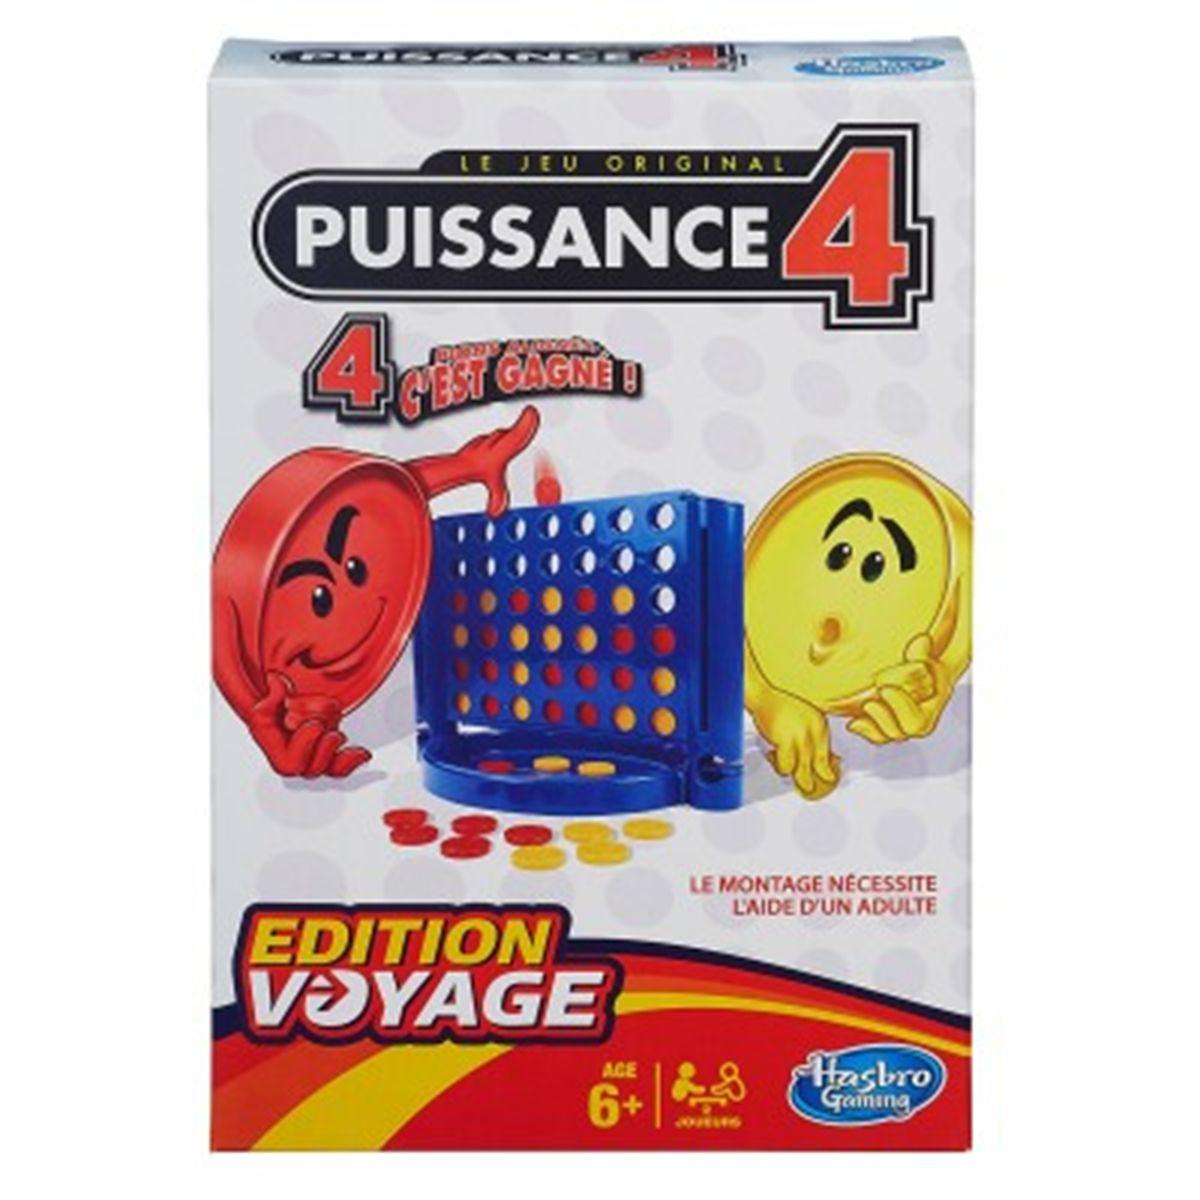 Puissance 4 Edition Voyage - Jeux De Société Et Puzzles - La serapportantà Jeu De Société Puissance 4